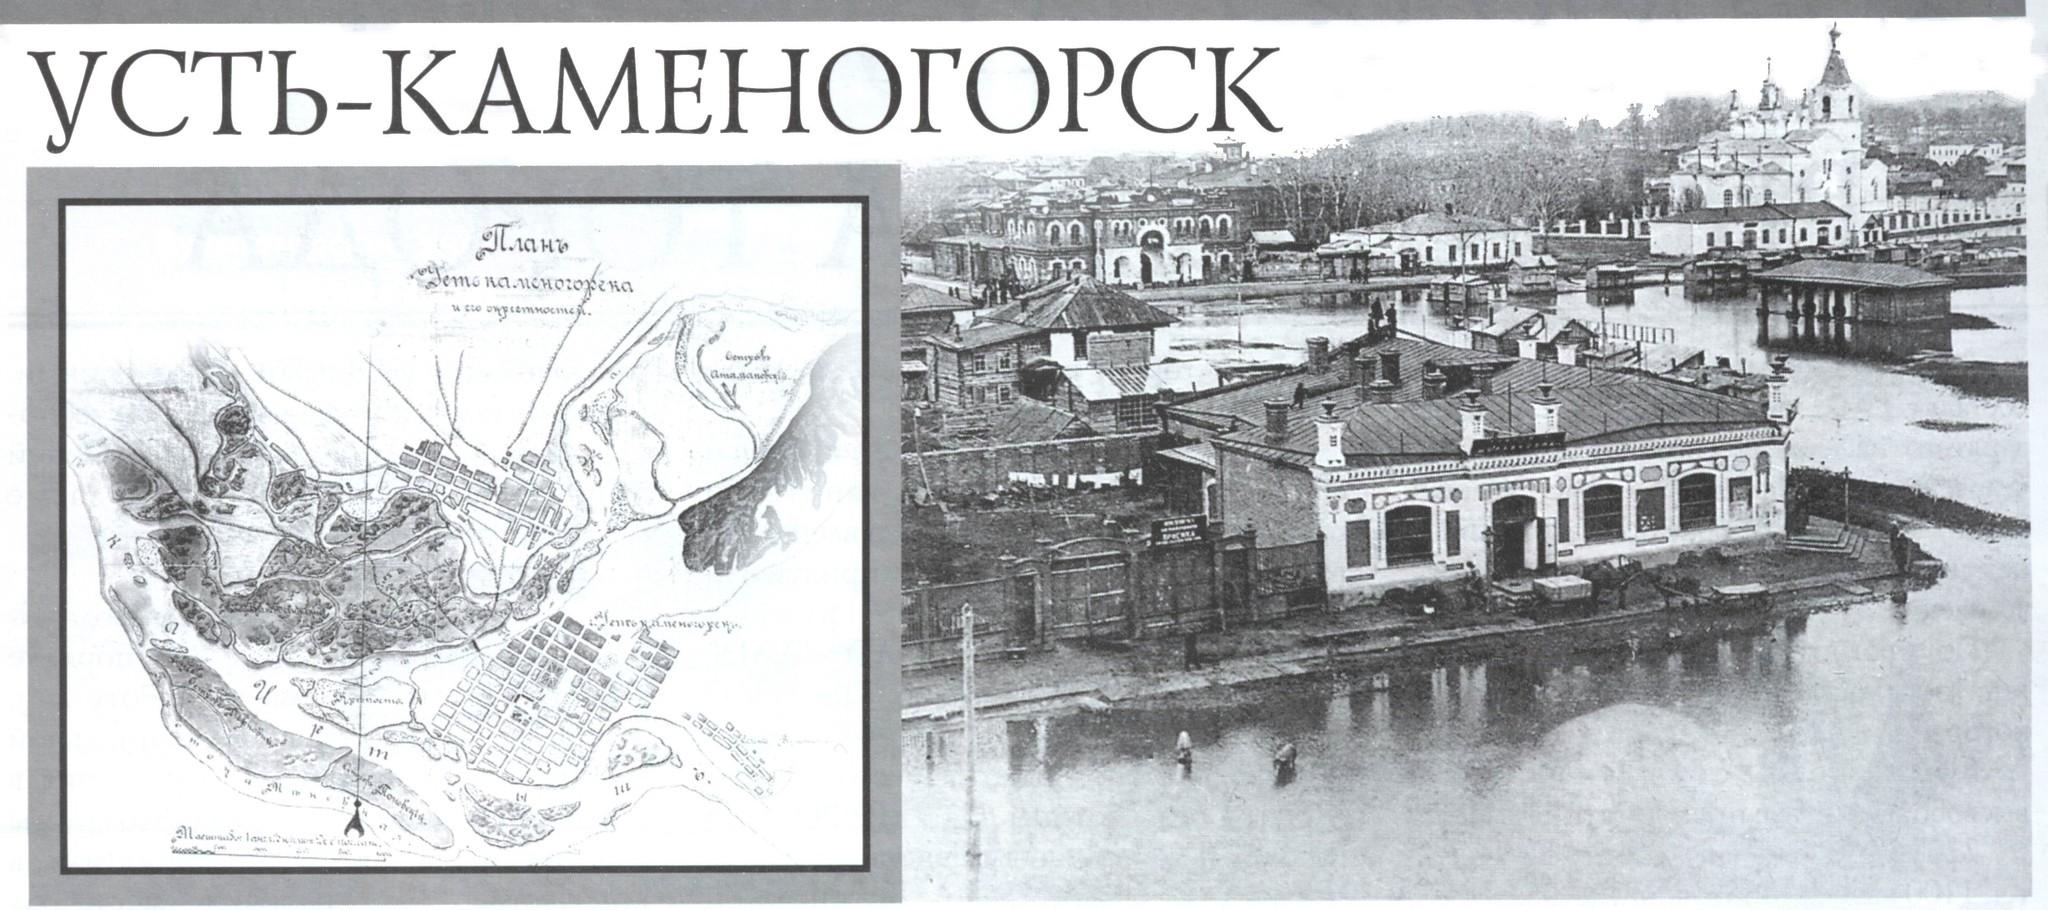 рецепт фото усть каменогорской крепости здорово делить